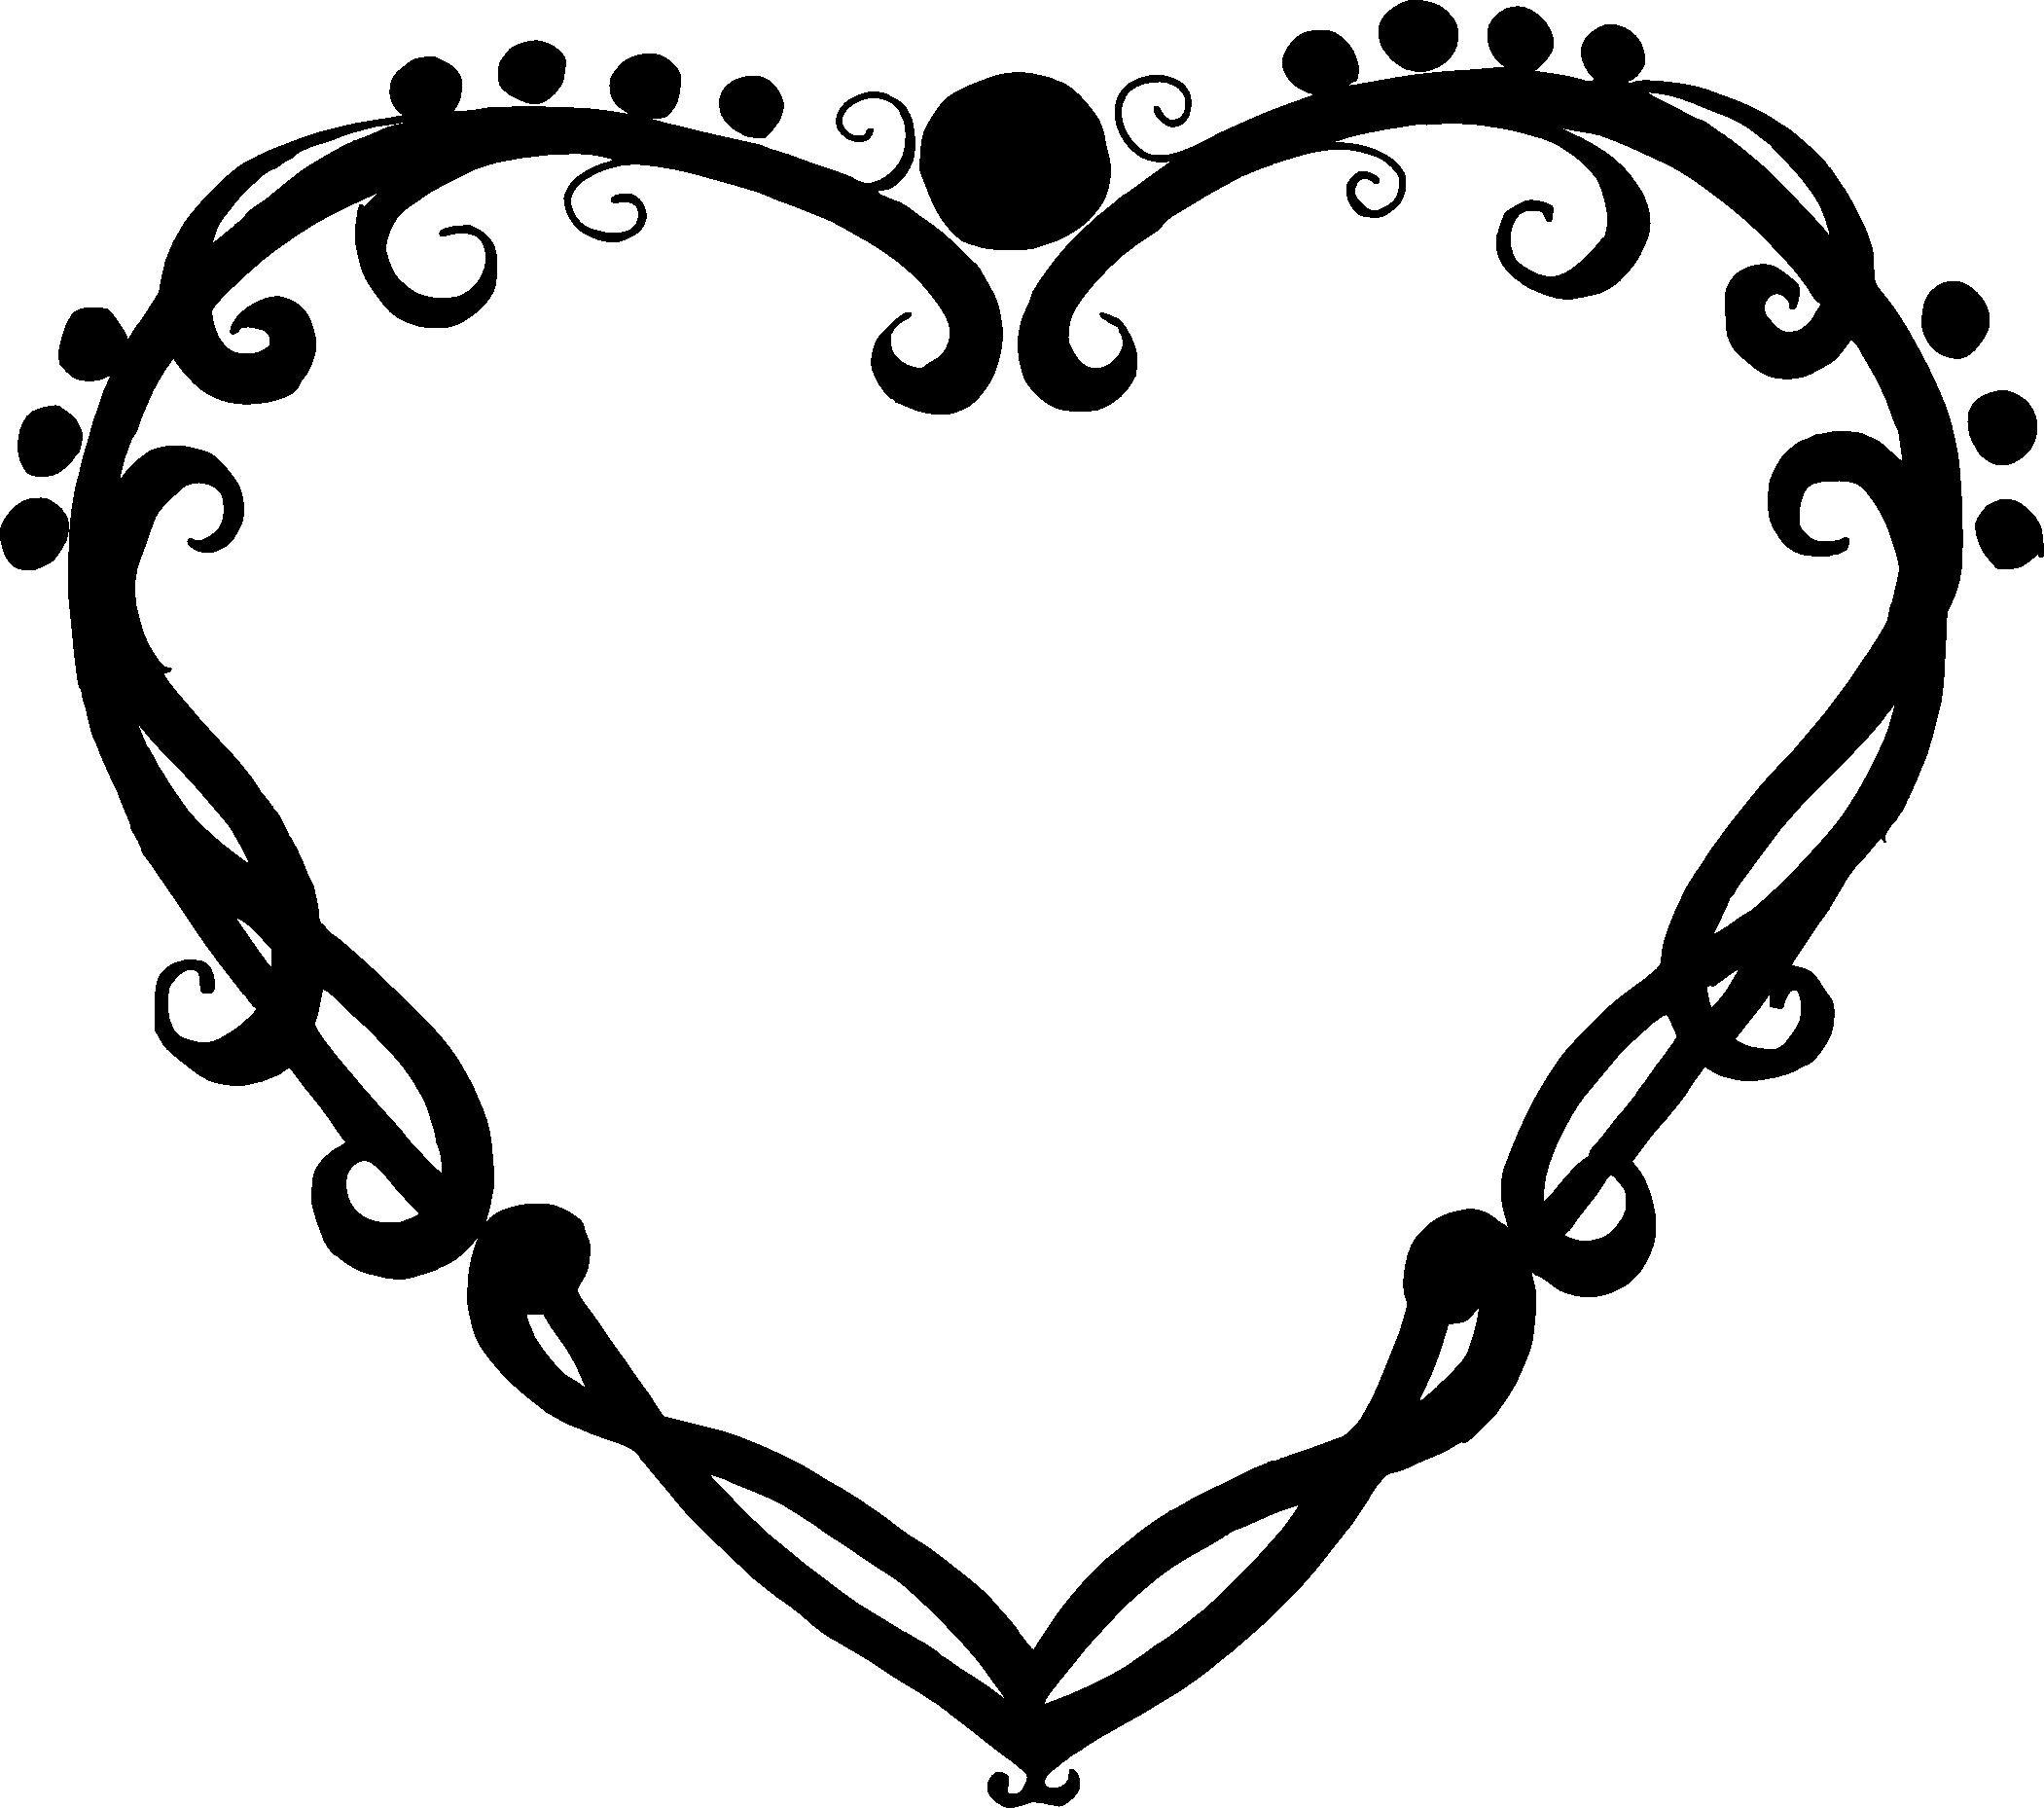 10 Heart Frame Vector (PNG Transparent, SVG) | OnlyGFX.com